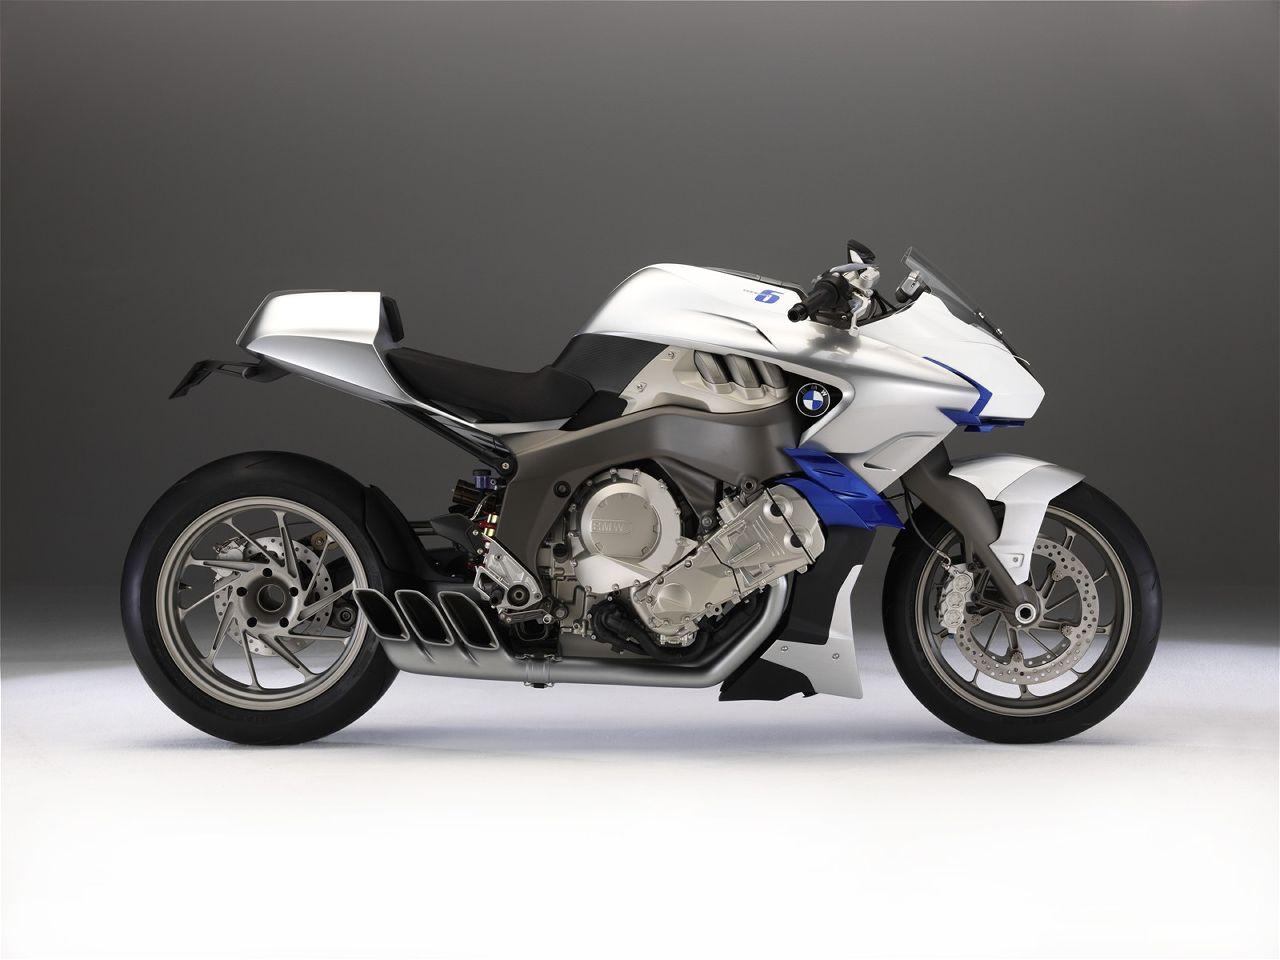 Rumor Bmw K1600R Six-Cylinder Naked Bike In The Works - Asphalt  Rubber-8816